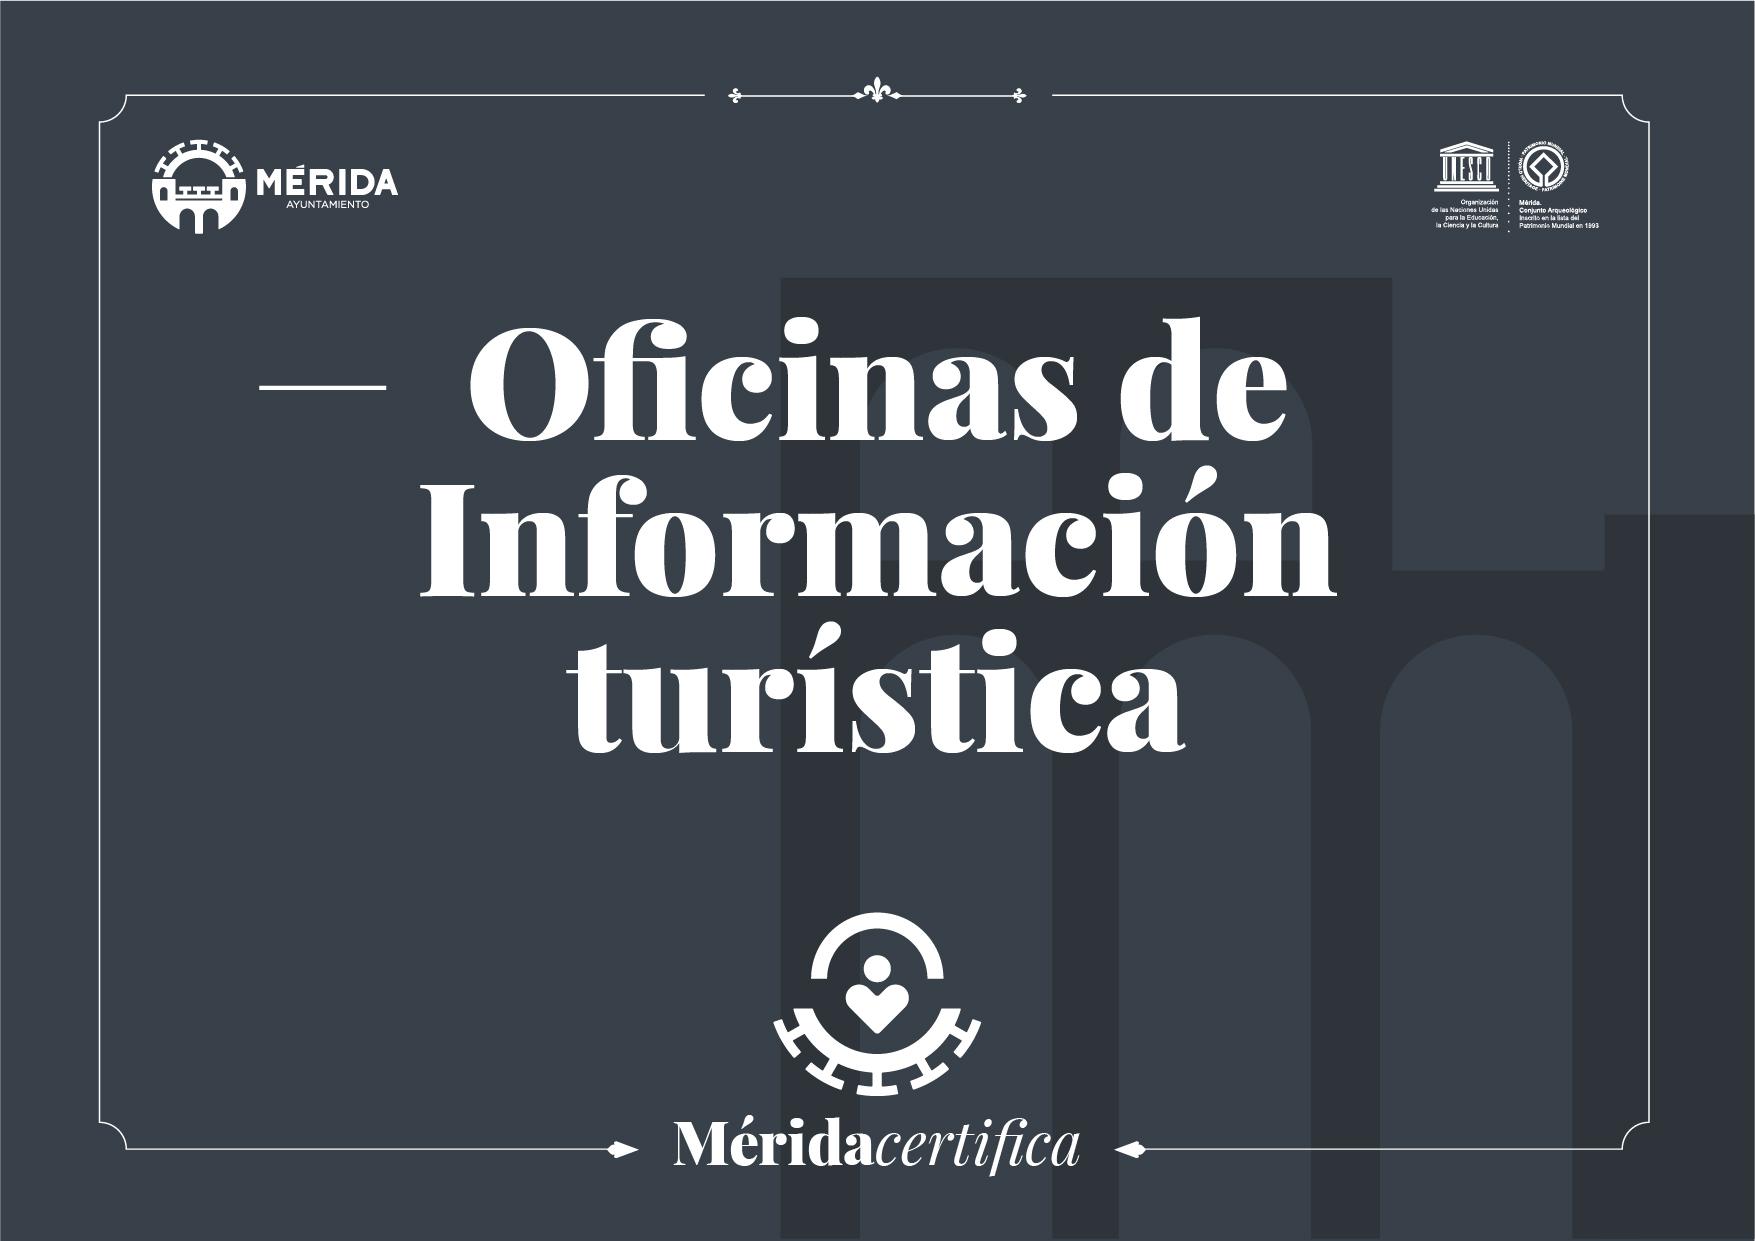 Oficinas_informacion